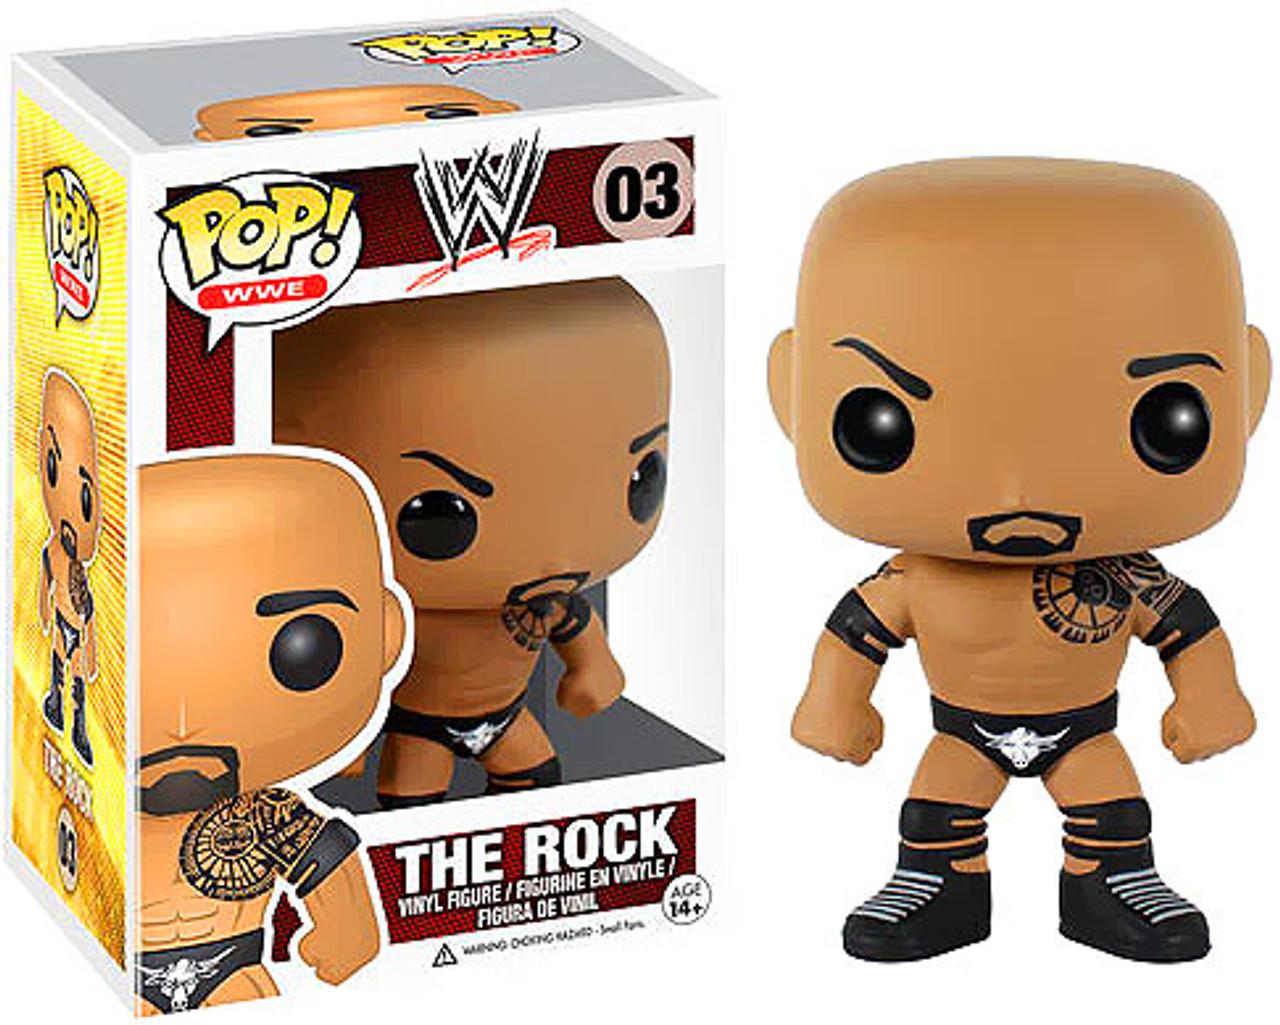 WWE Wrestling Funko POP! The Rock Vinyl Figure #03